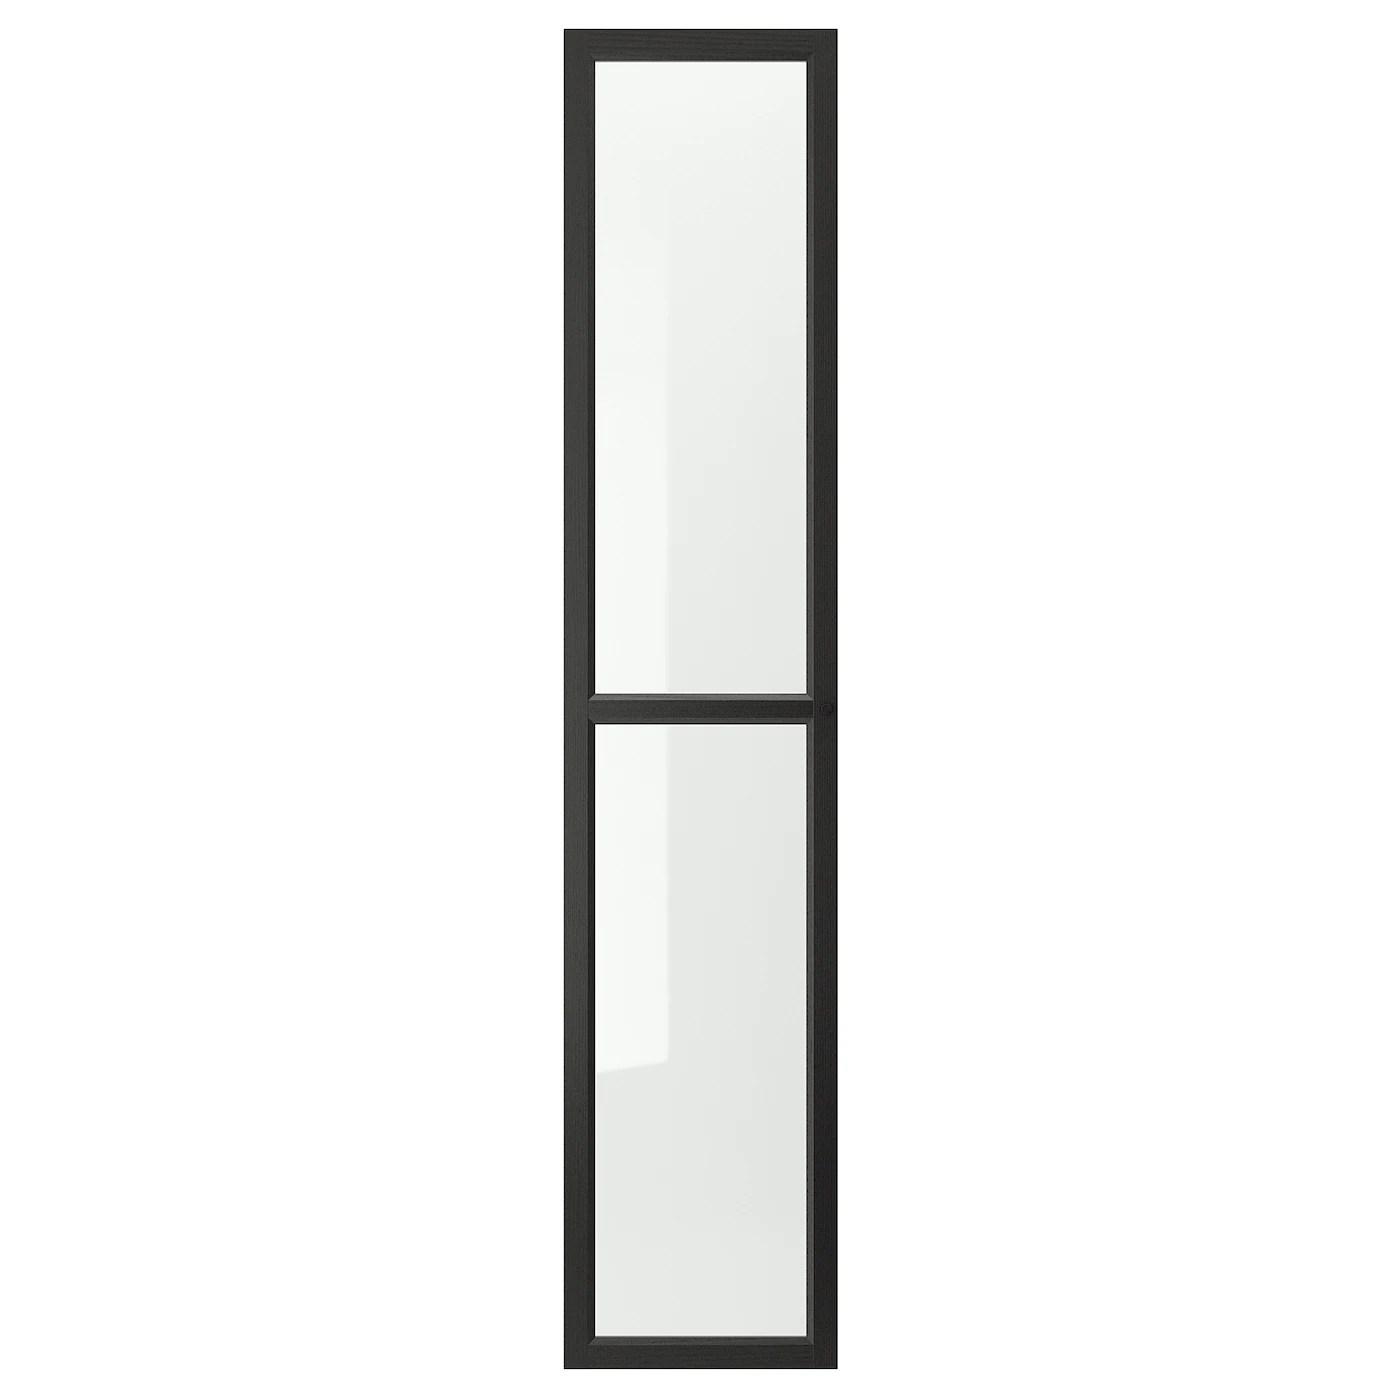 oxberg porte vitree brun noir 15 3 4x75 5 8 40x192 cm